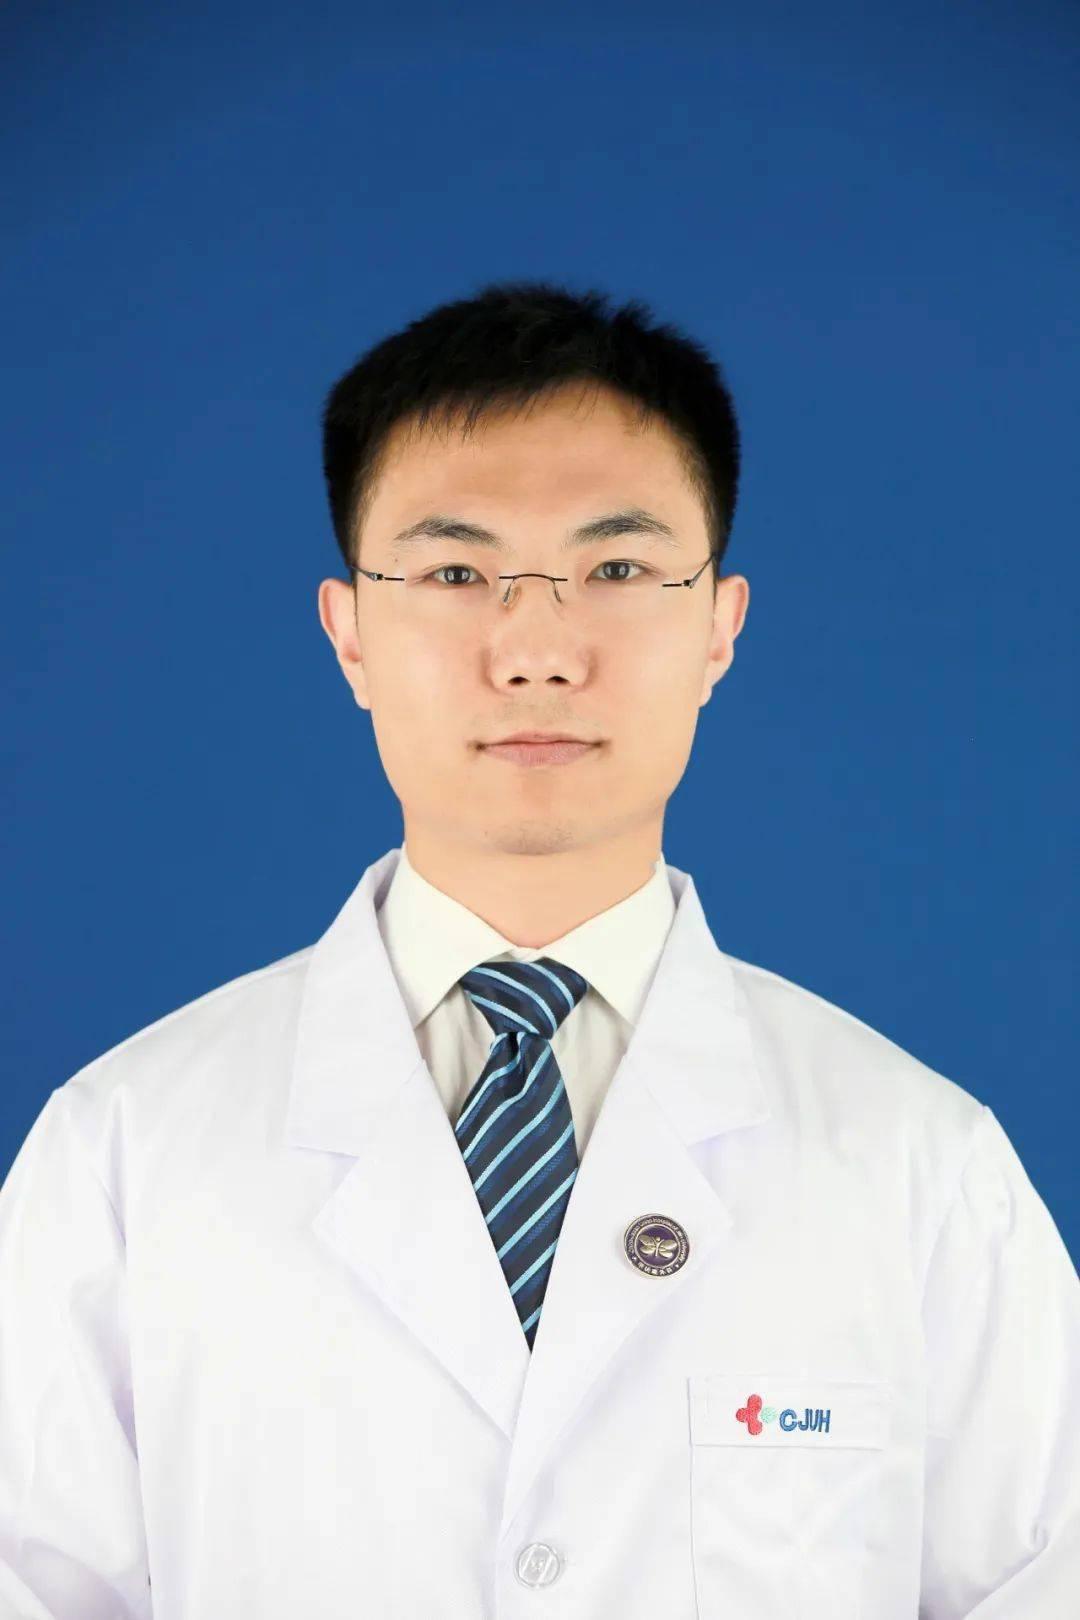 吉林大学中日联谊医院孙辉,赵诣深团队:曲线下面积在甲状腺手术中喉上神经外支监测中的应用   AME作者面对面